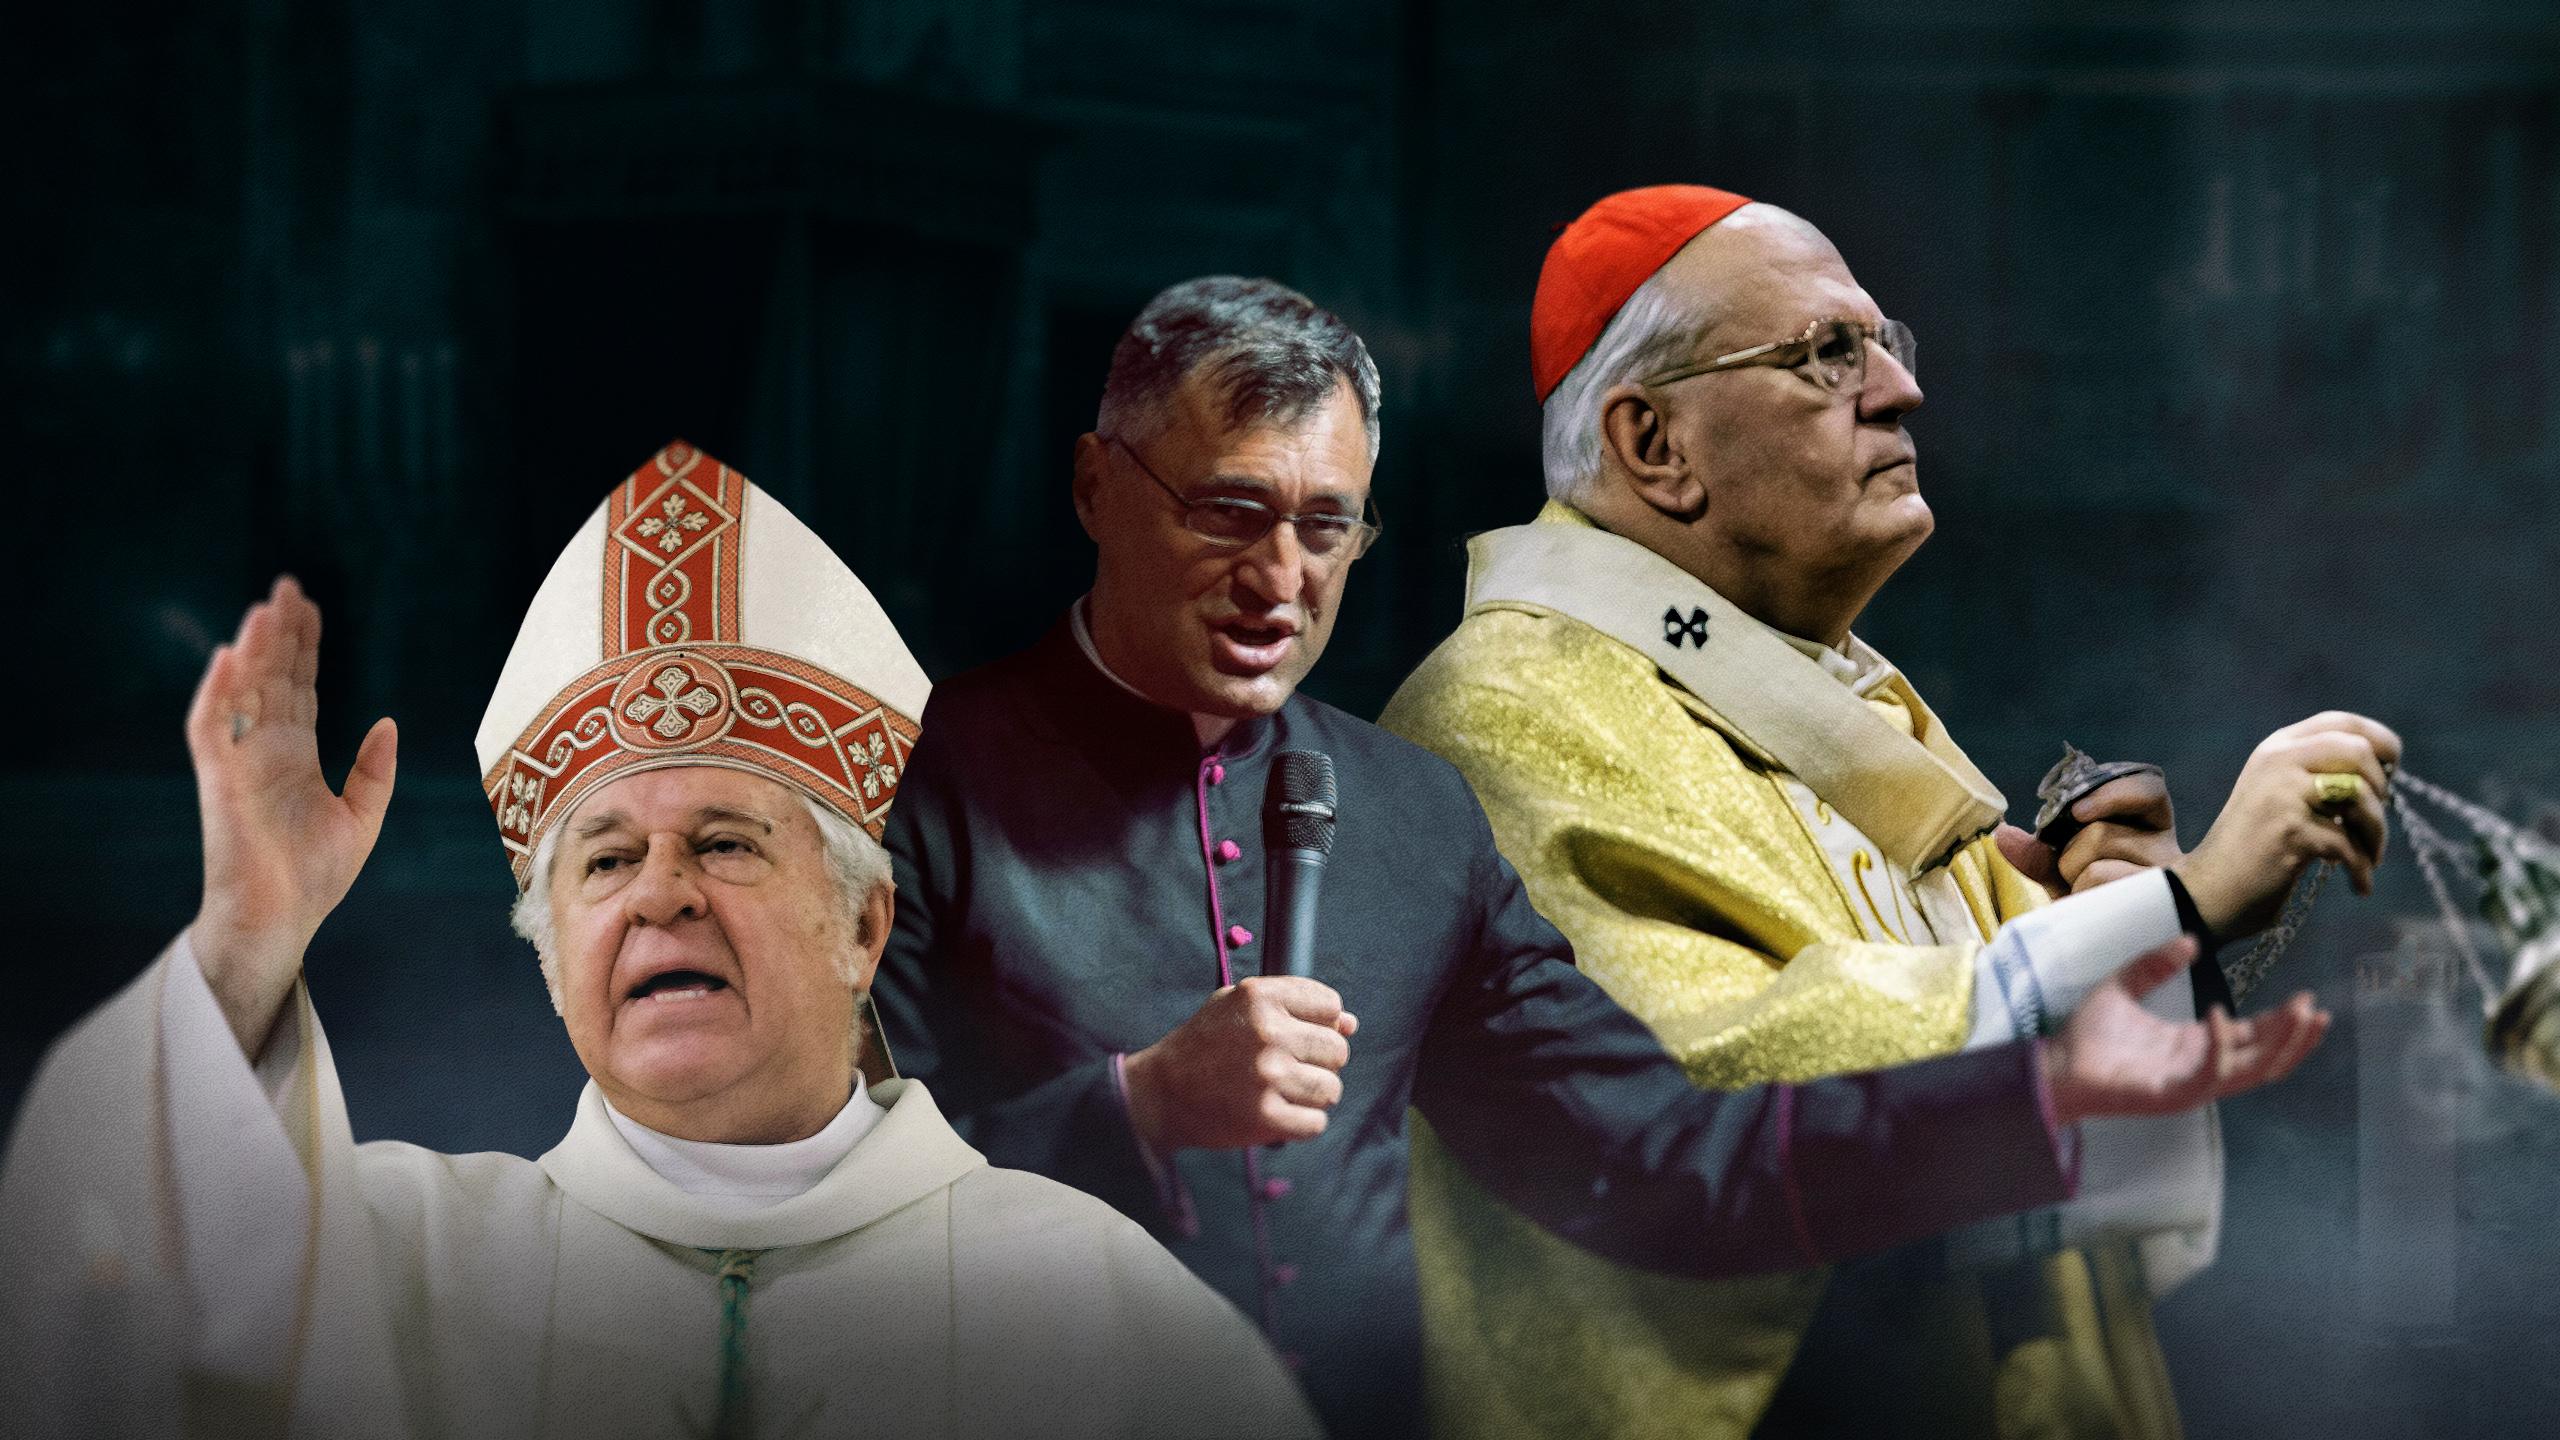 Vezetőszáron vitték el egy pap áldozatát, az ünnepi mise végéig nem engedték ki